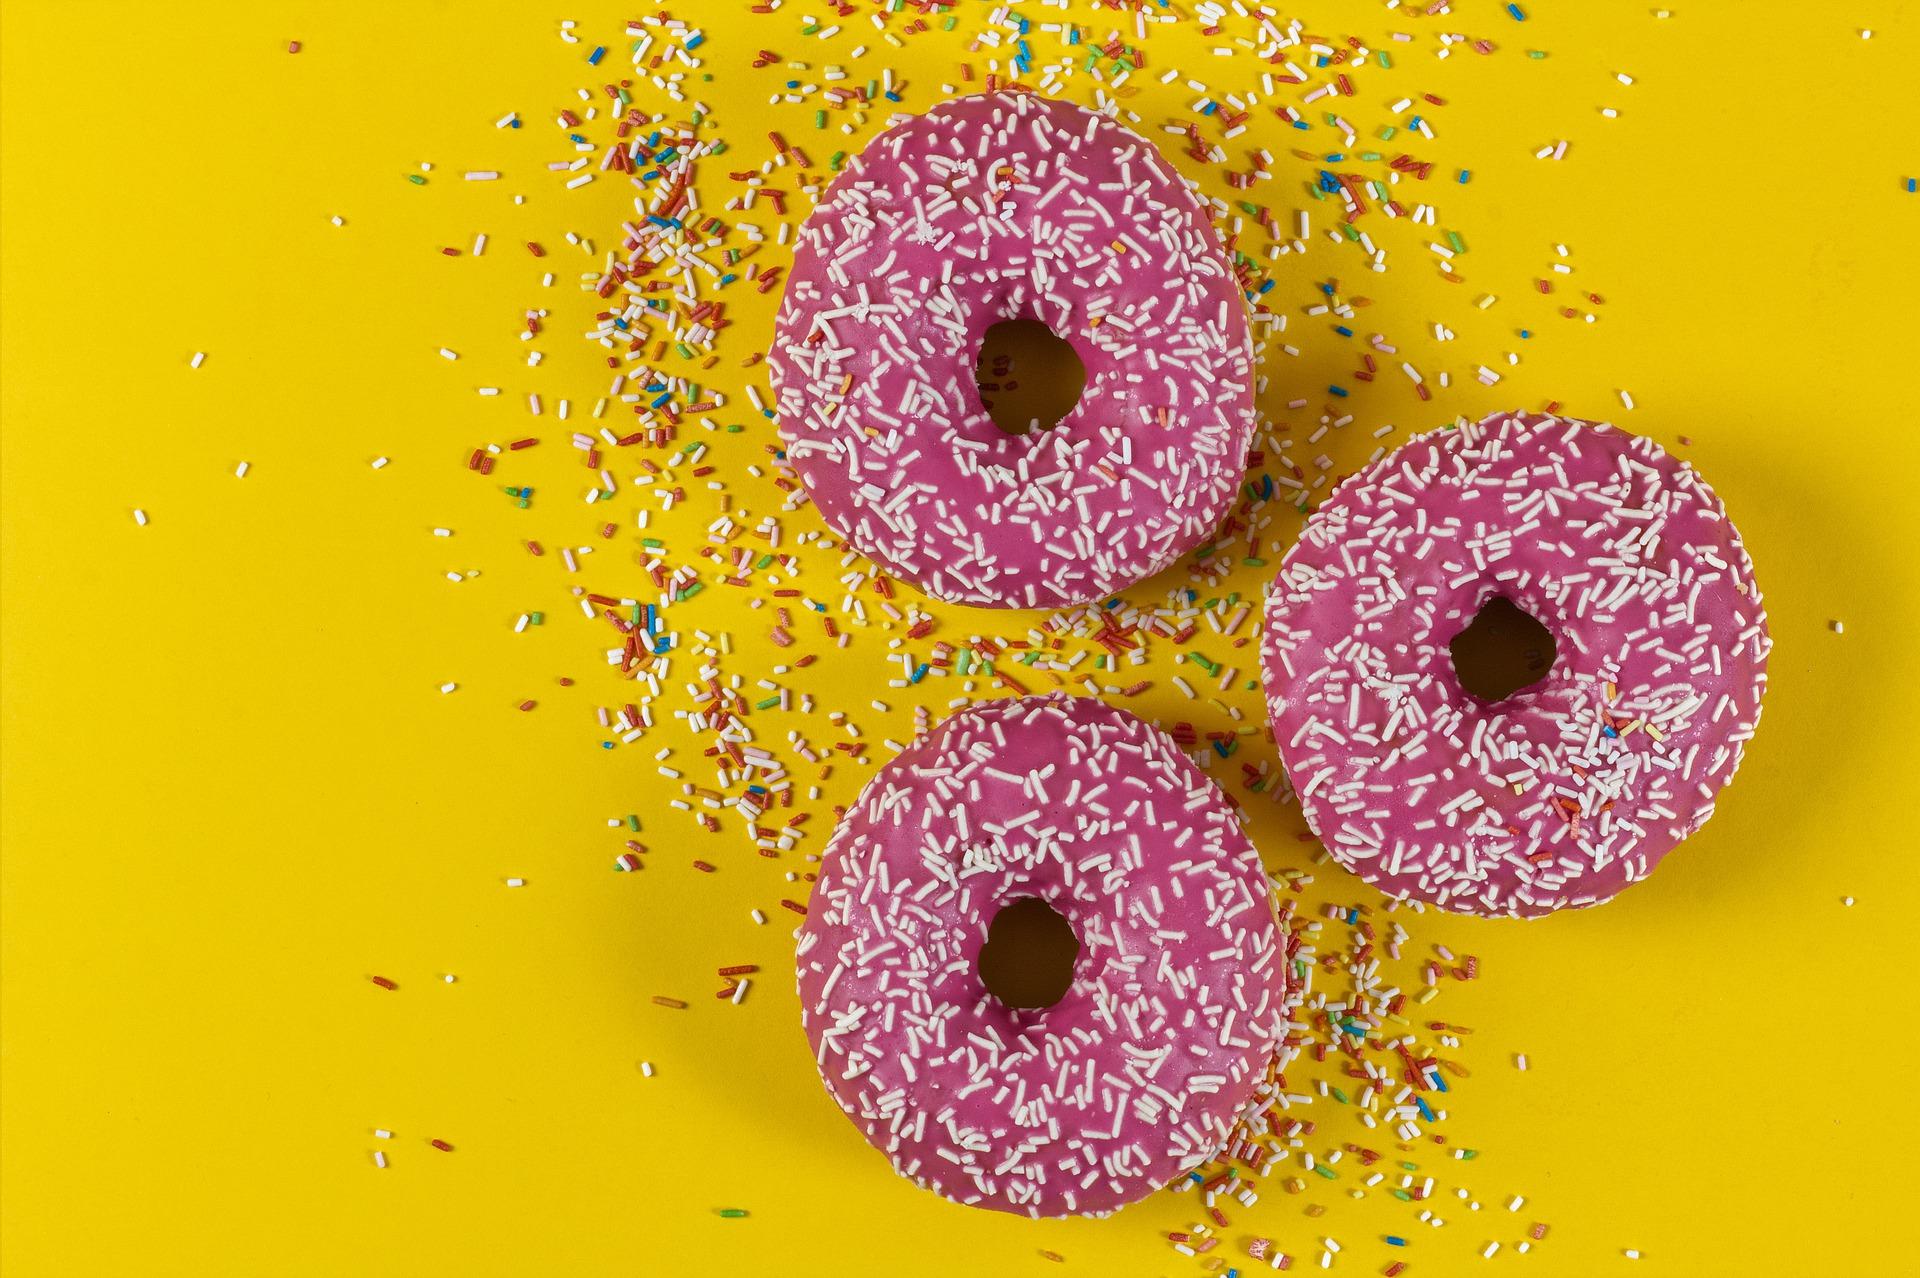 Sladké koblihy s cukrem nejsou vhodné pro děti.